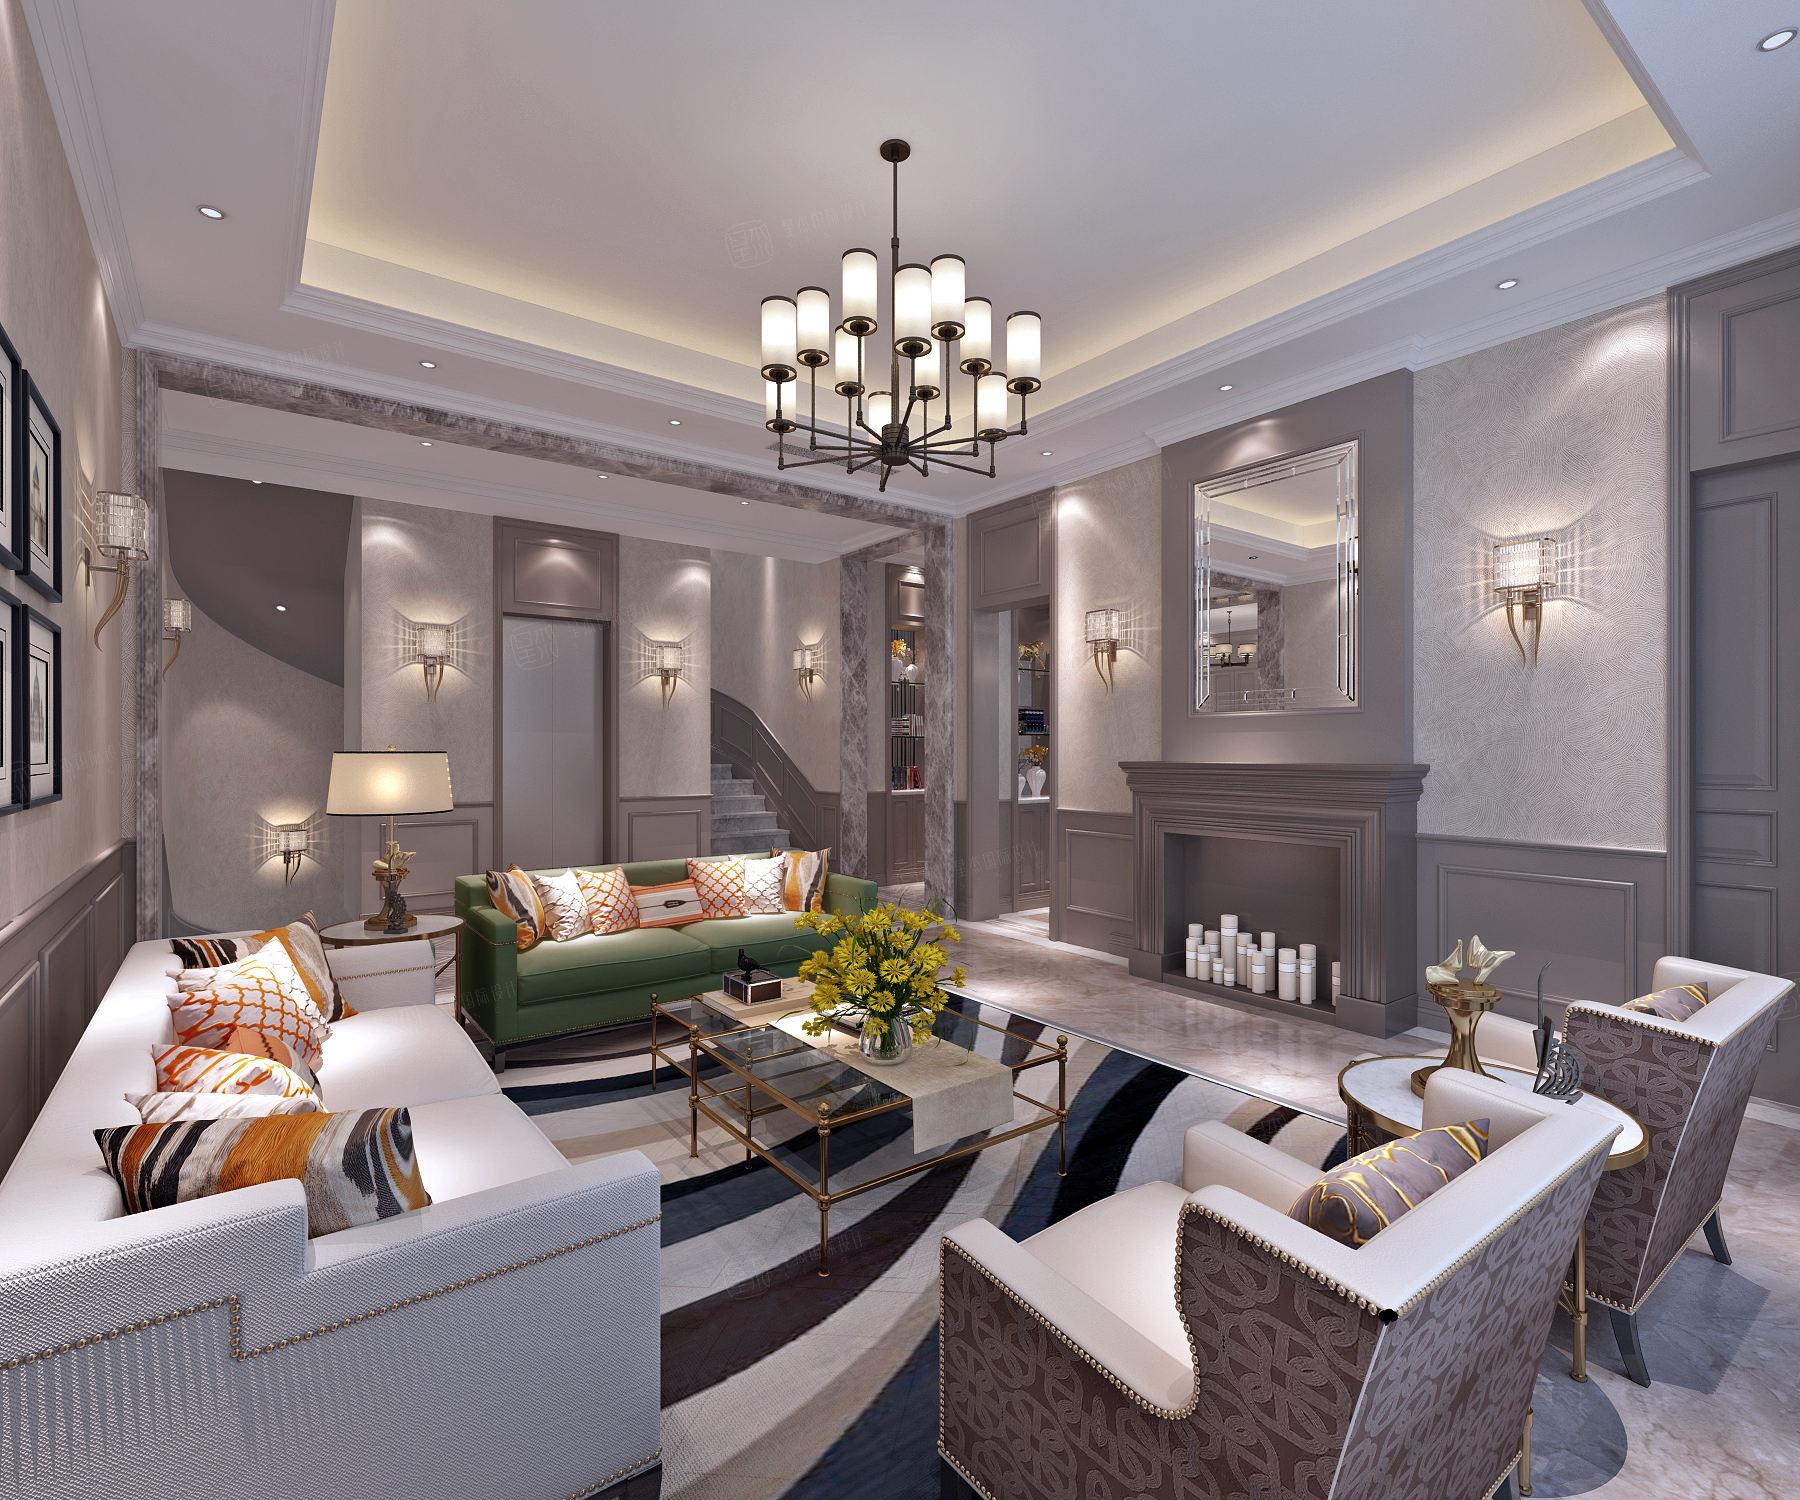 万科翡翠别墅 美式装修客厅效果图